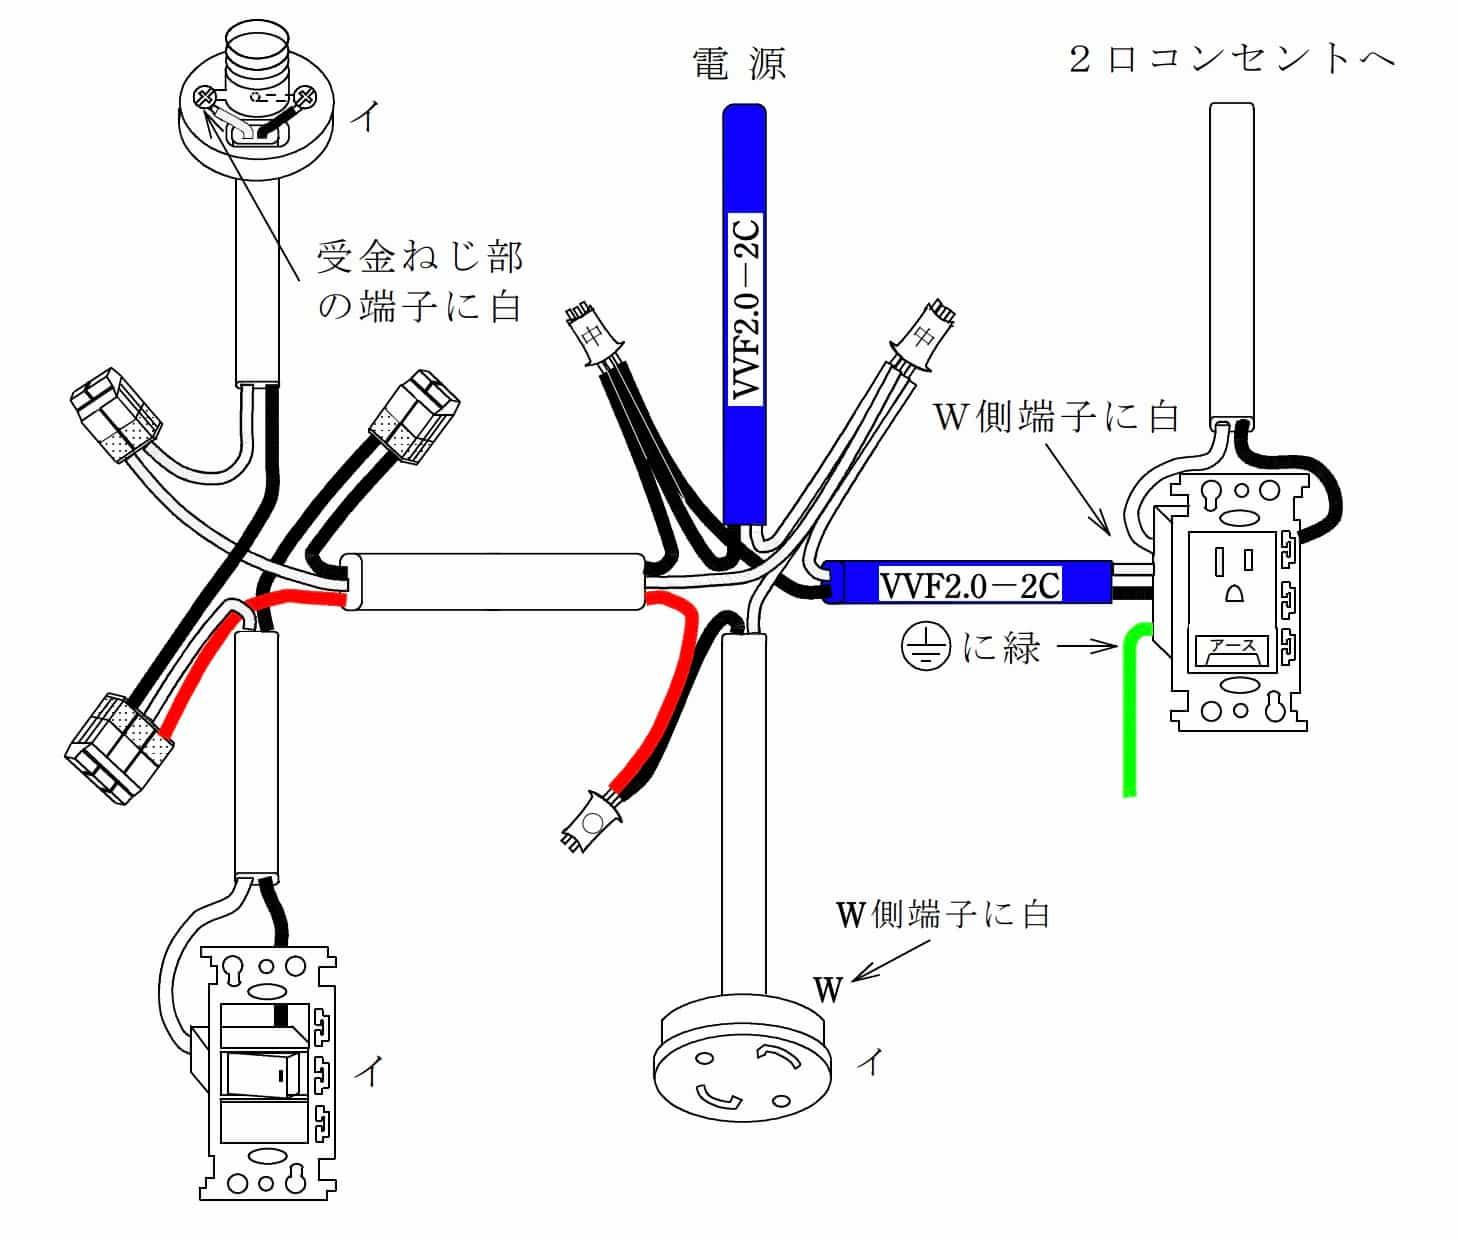 第二種電気工事士の技能試験の試験問題No.9の概念図